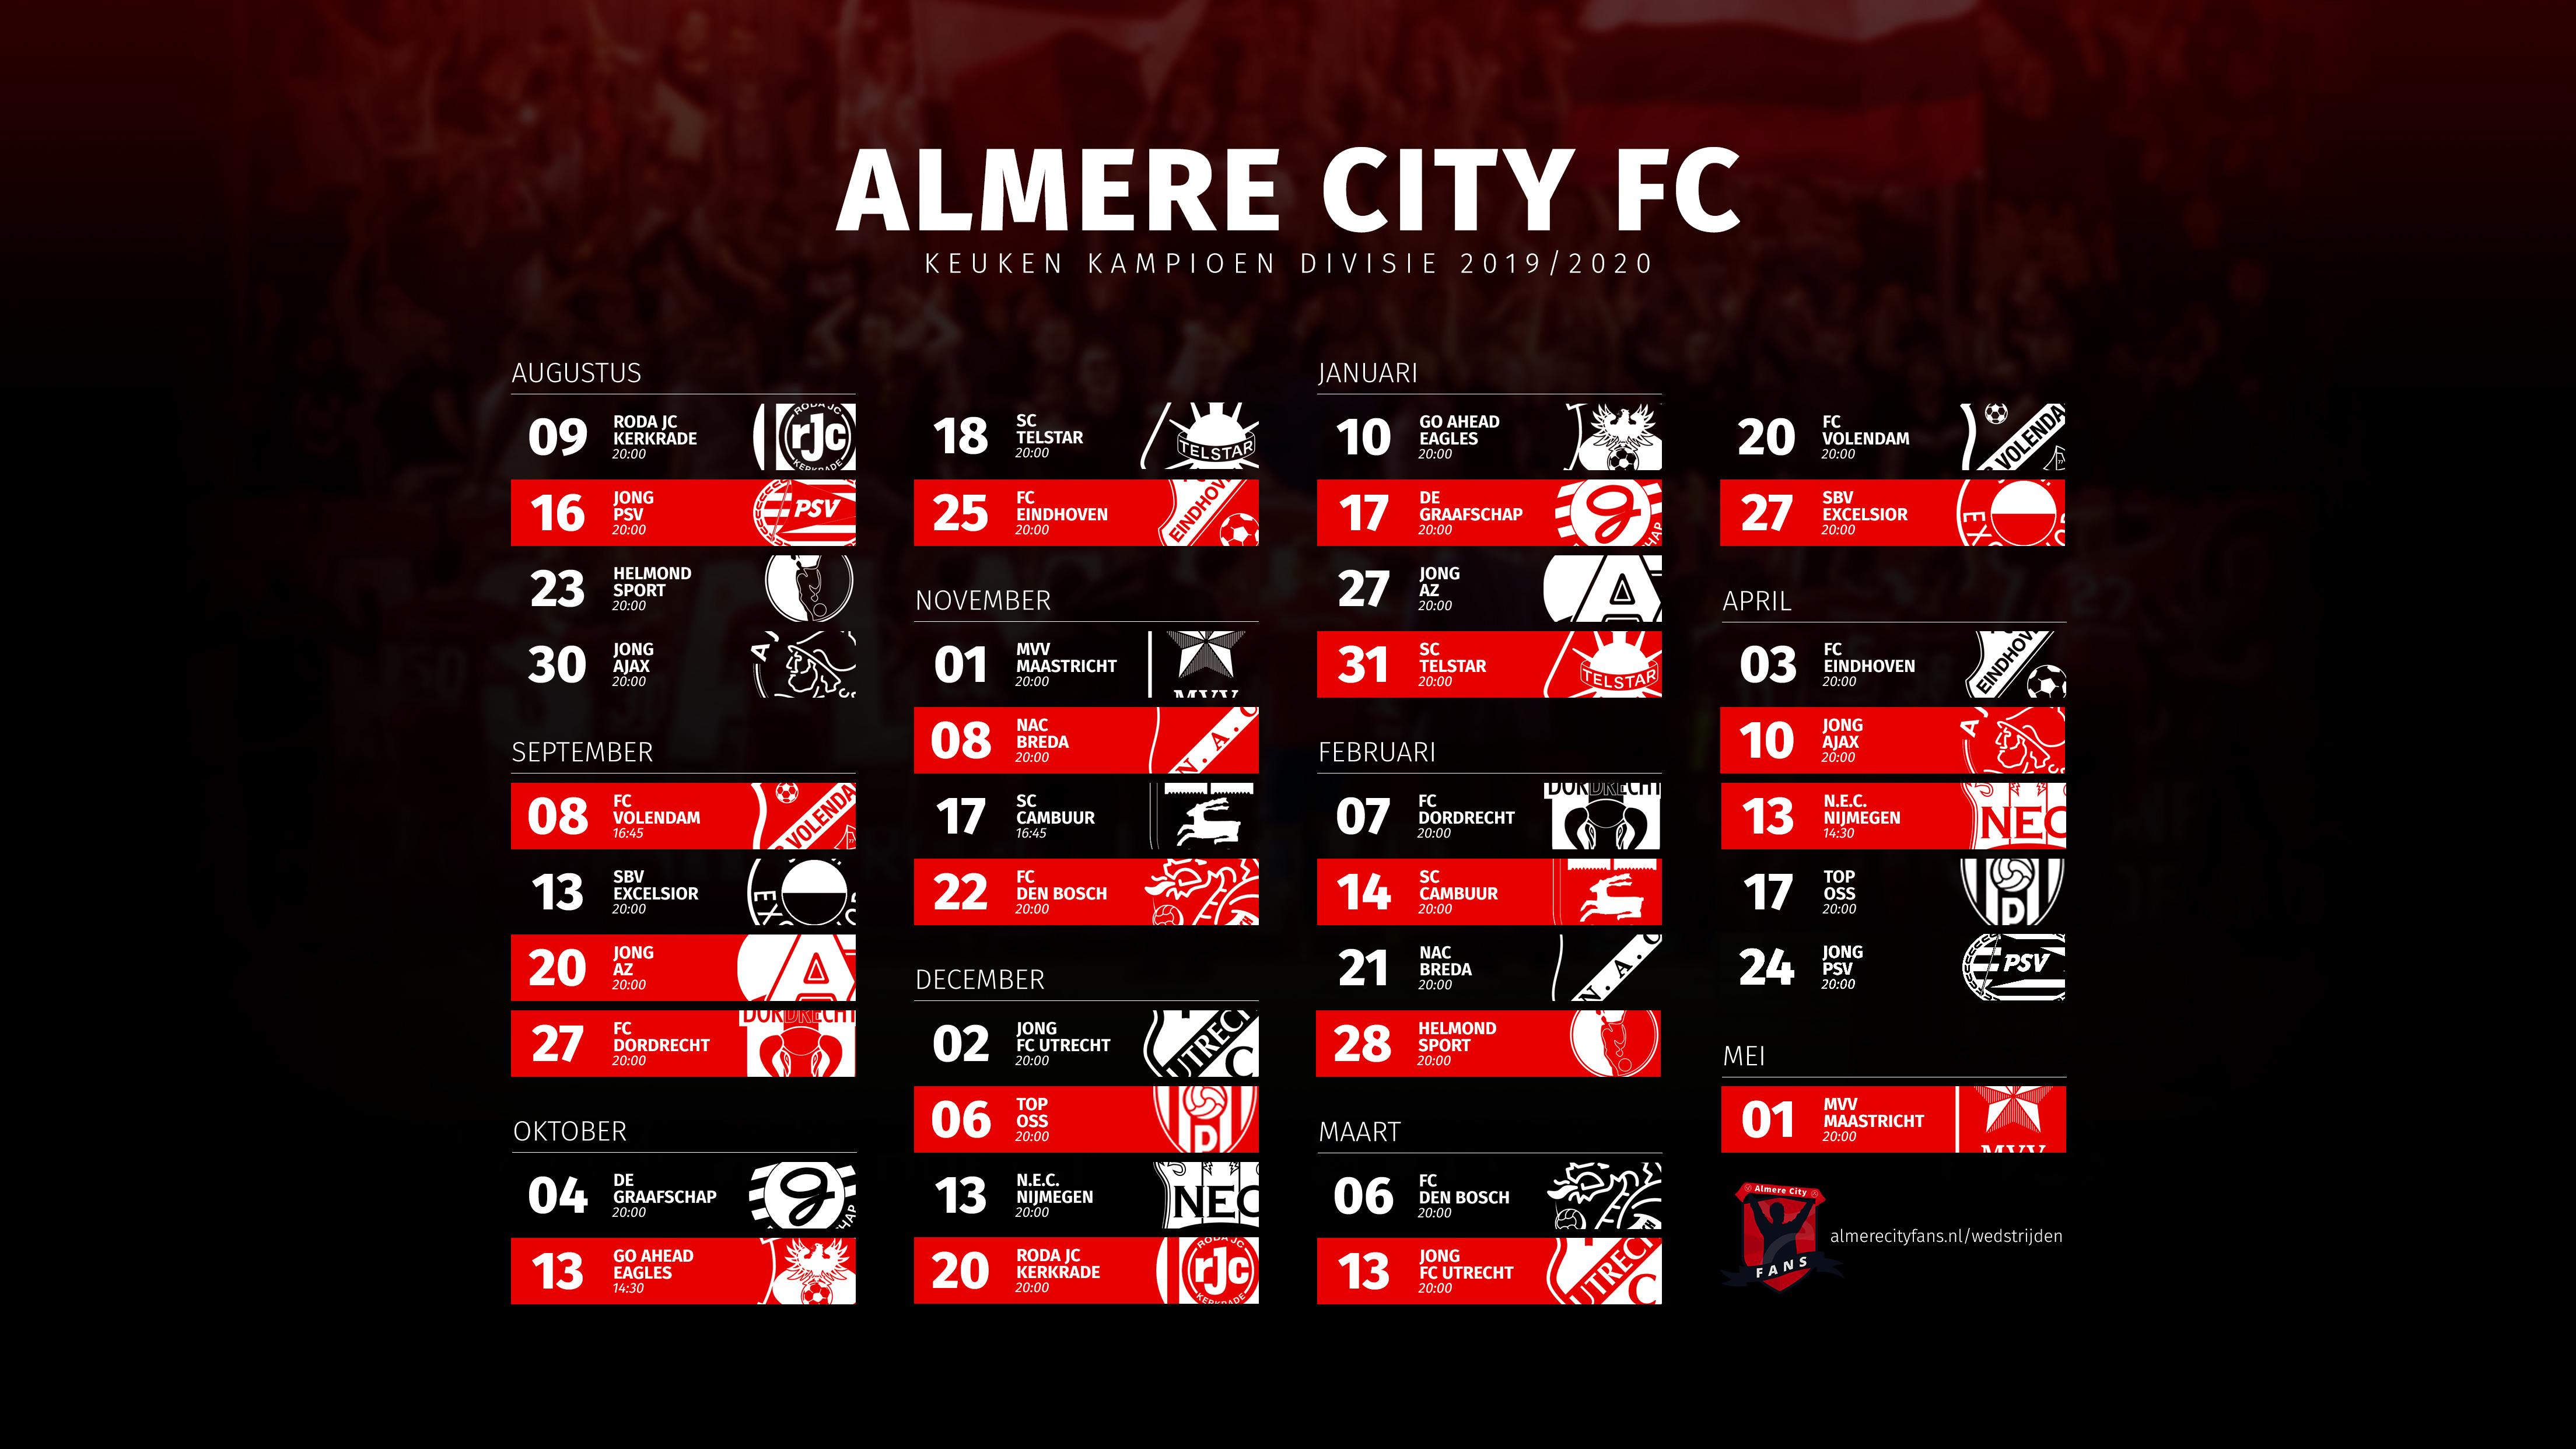 Download nu het wedstrijdschema als poster!